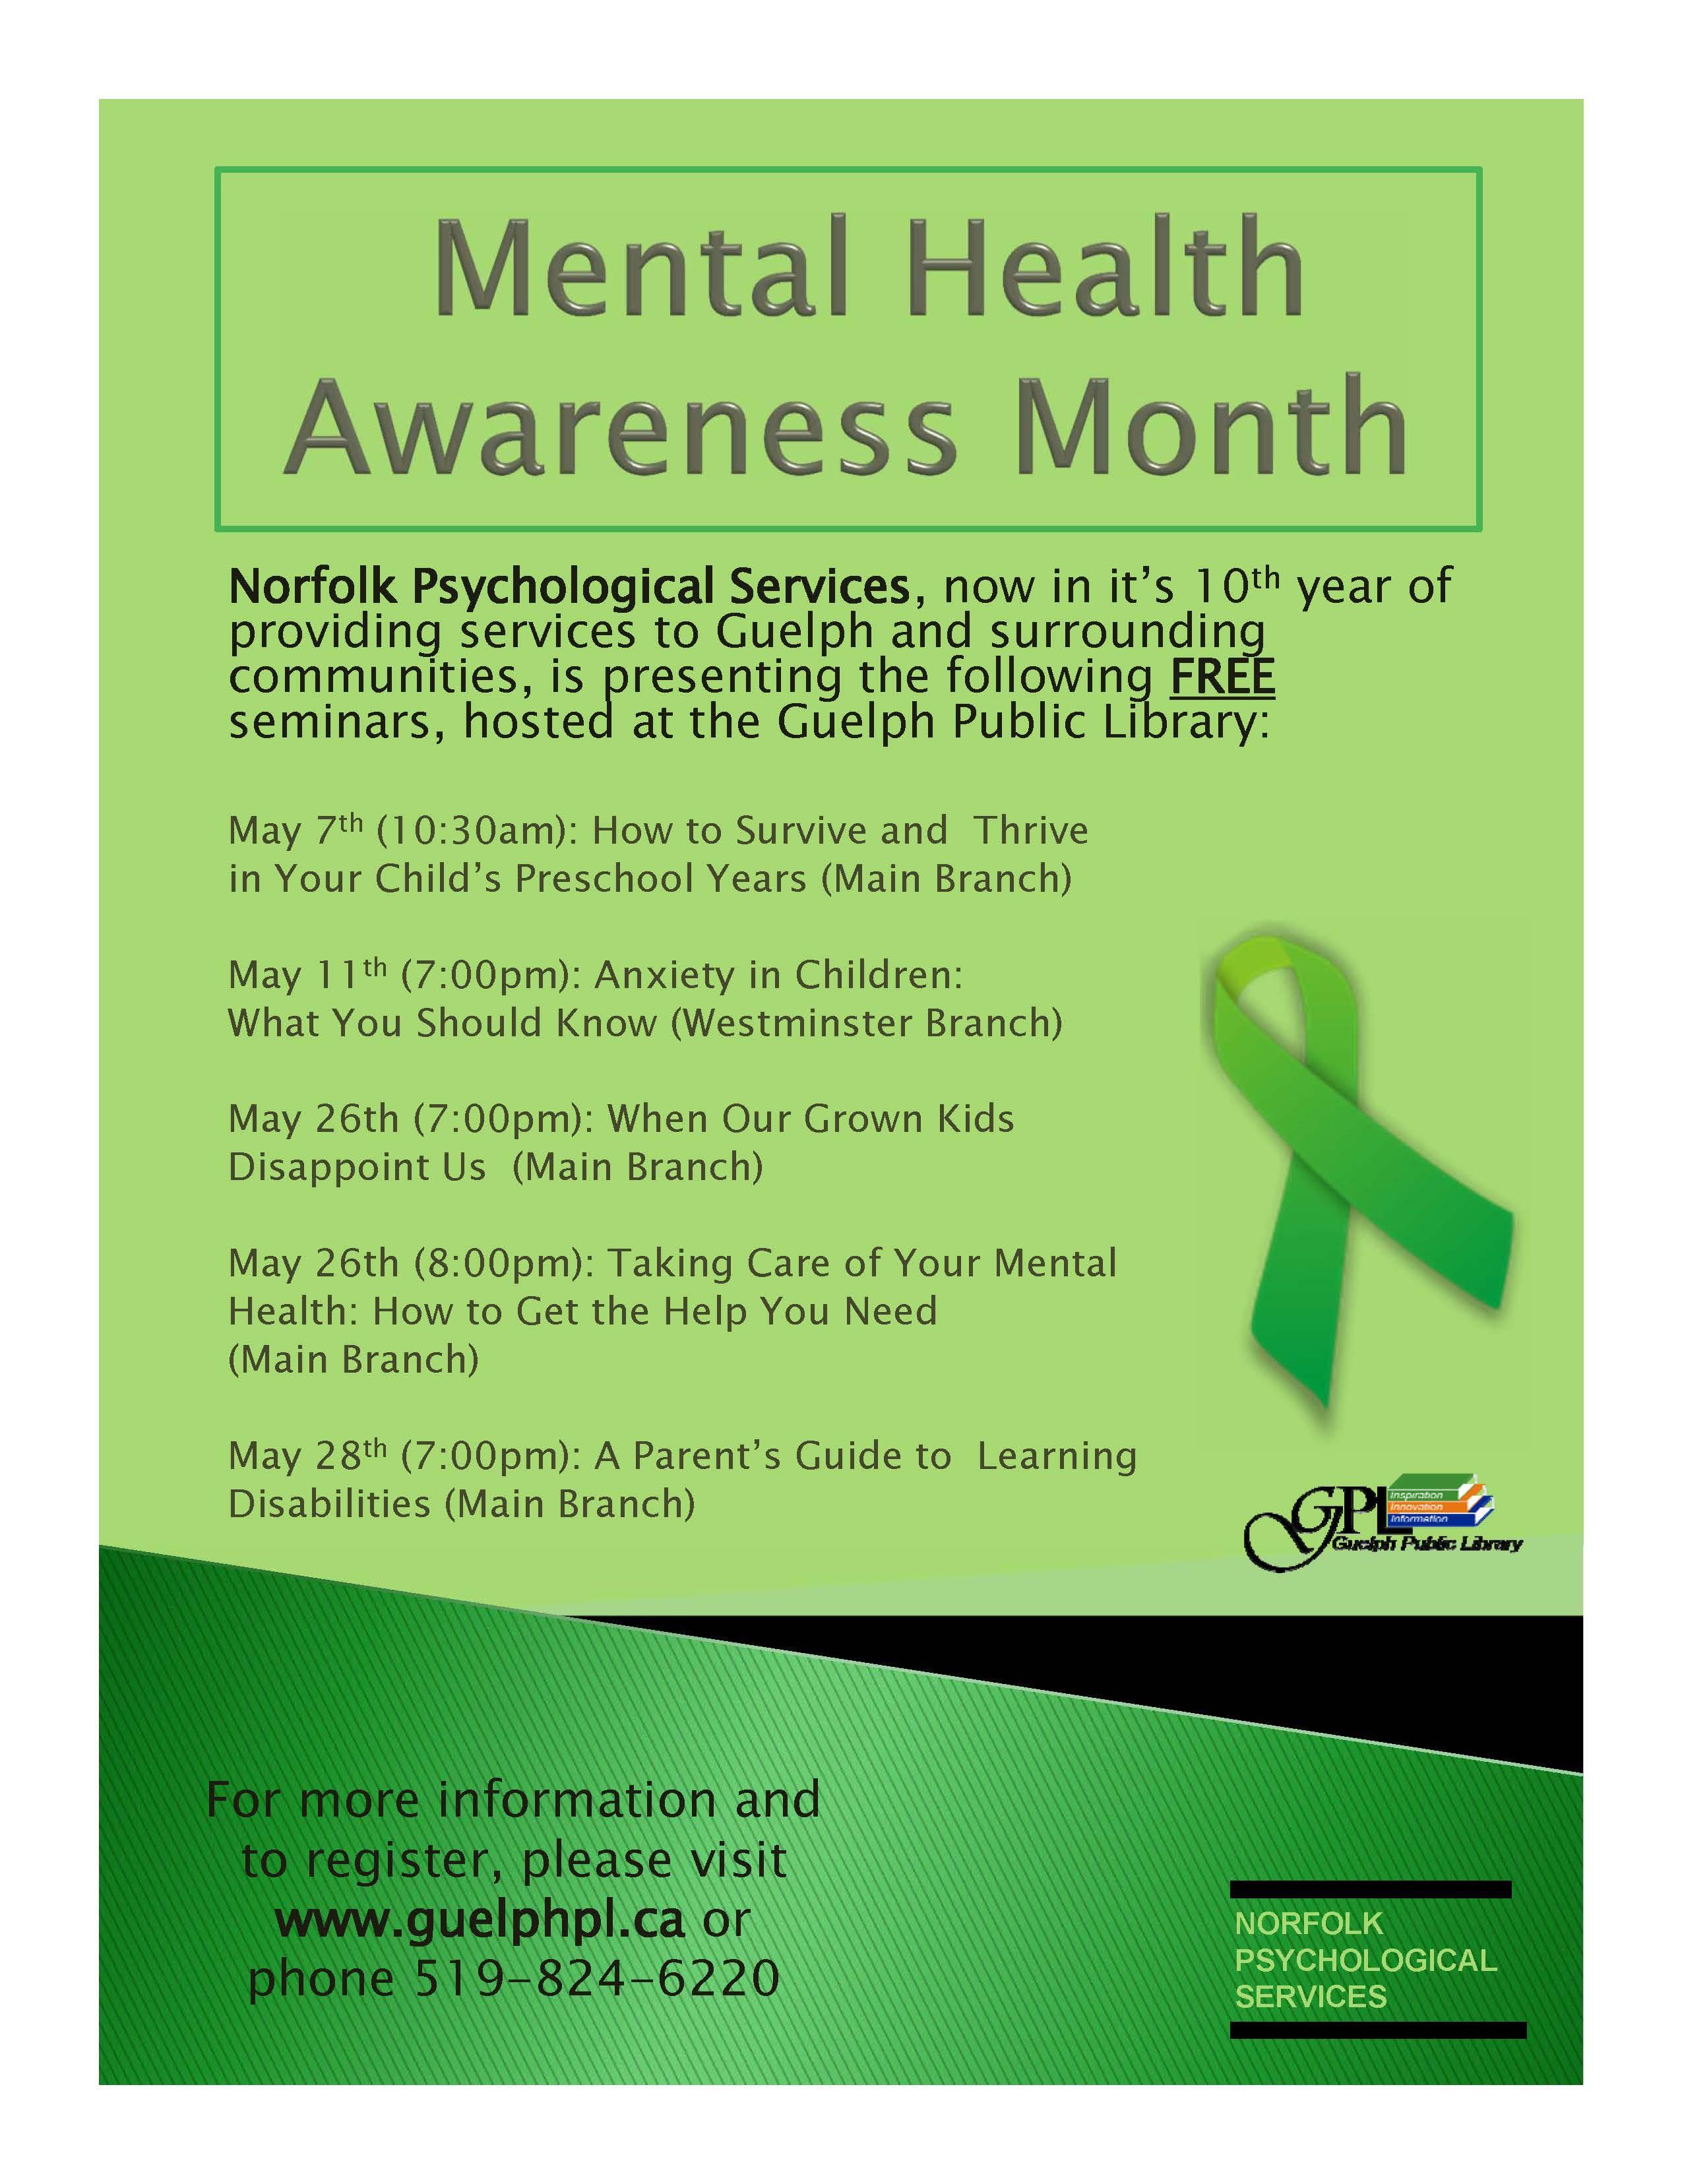 Mental Health Awareness Activities